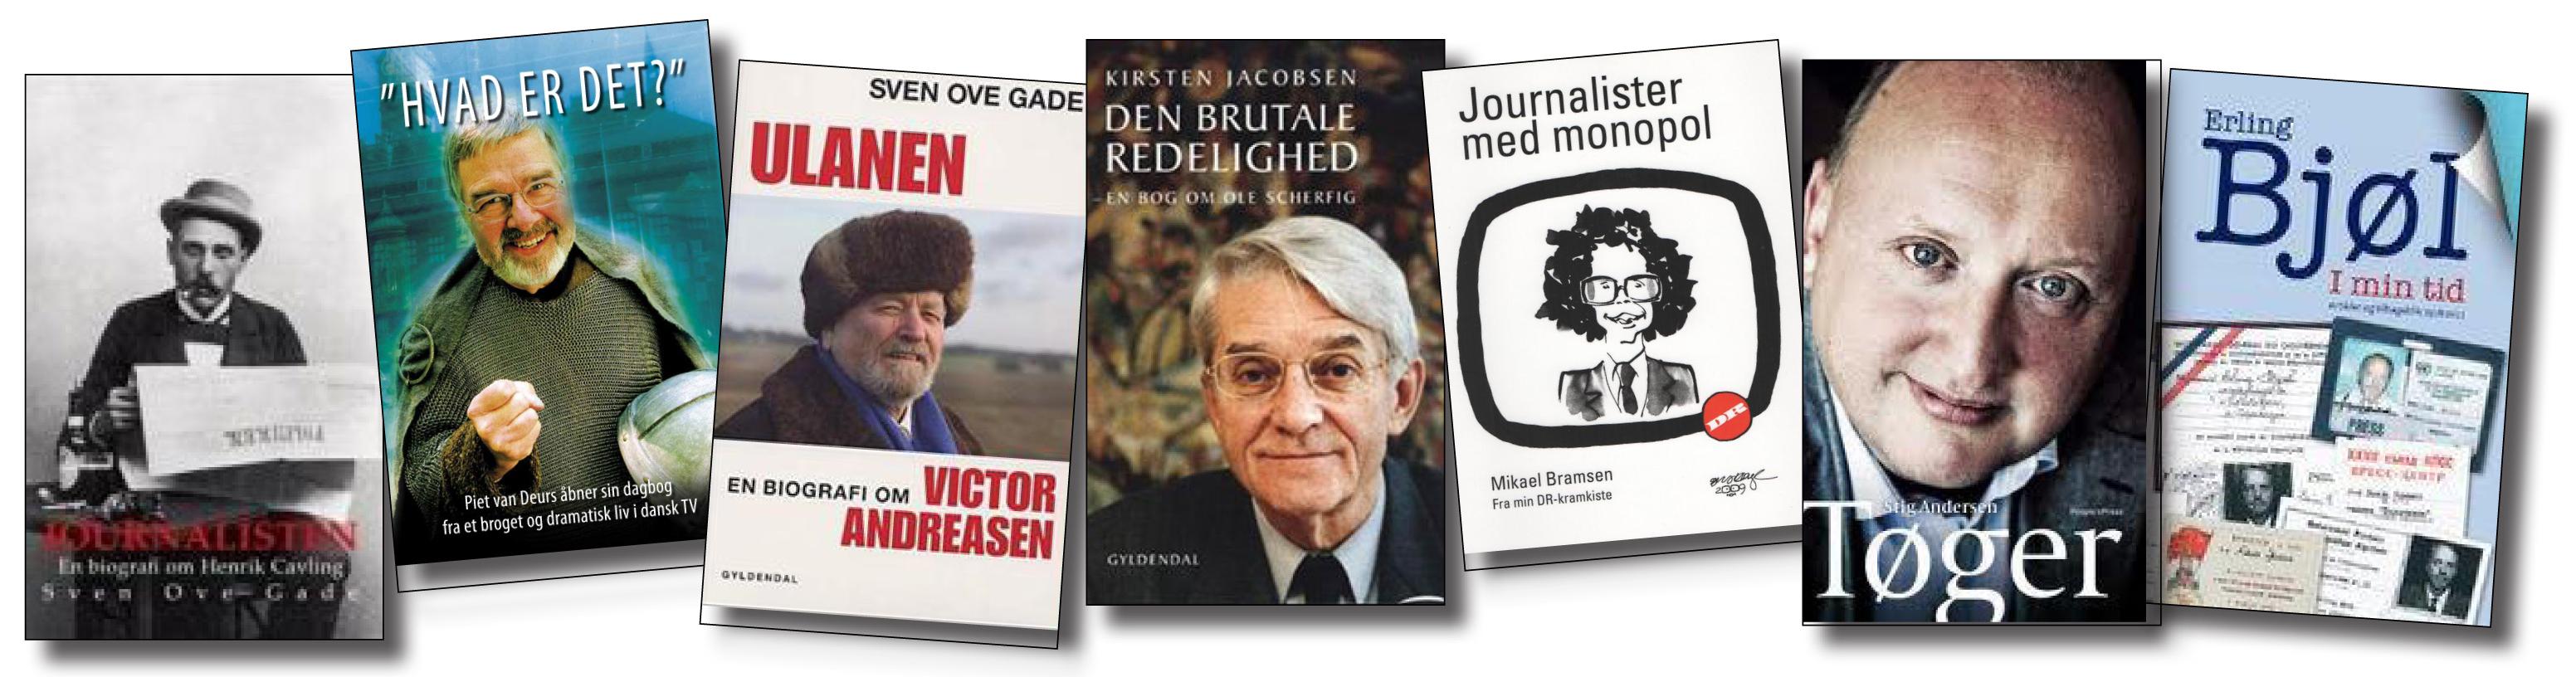 Bøger 1